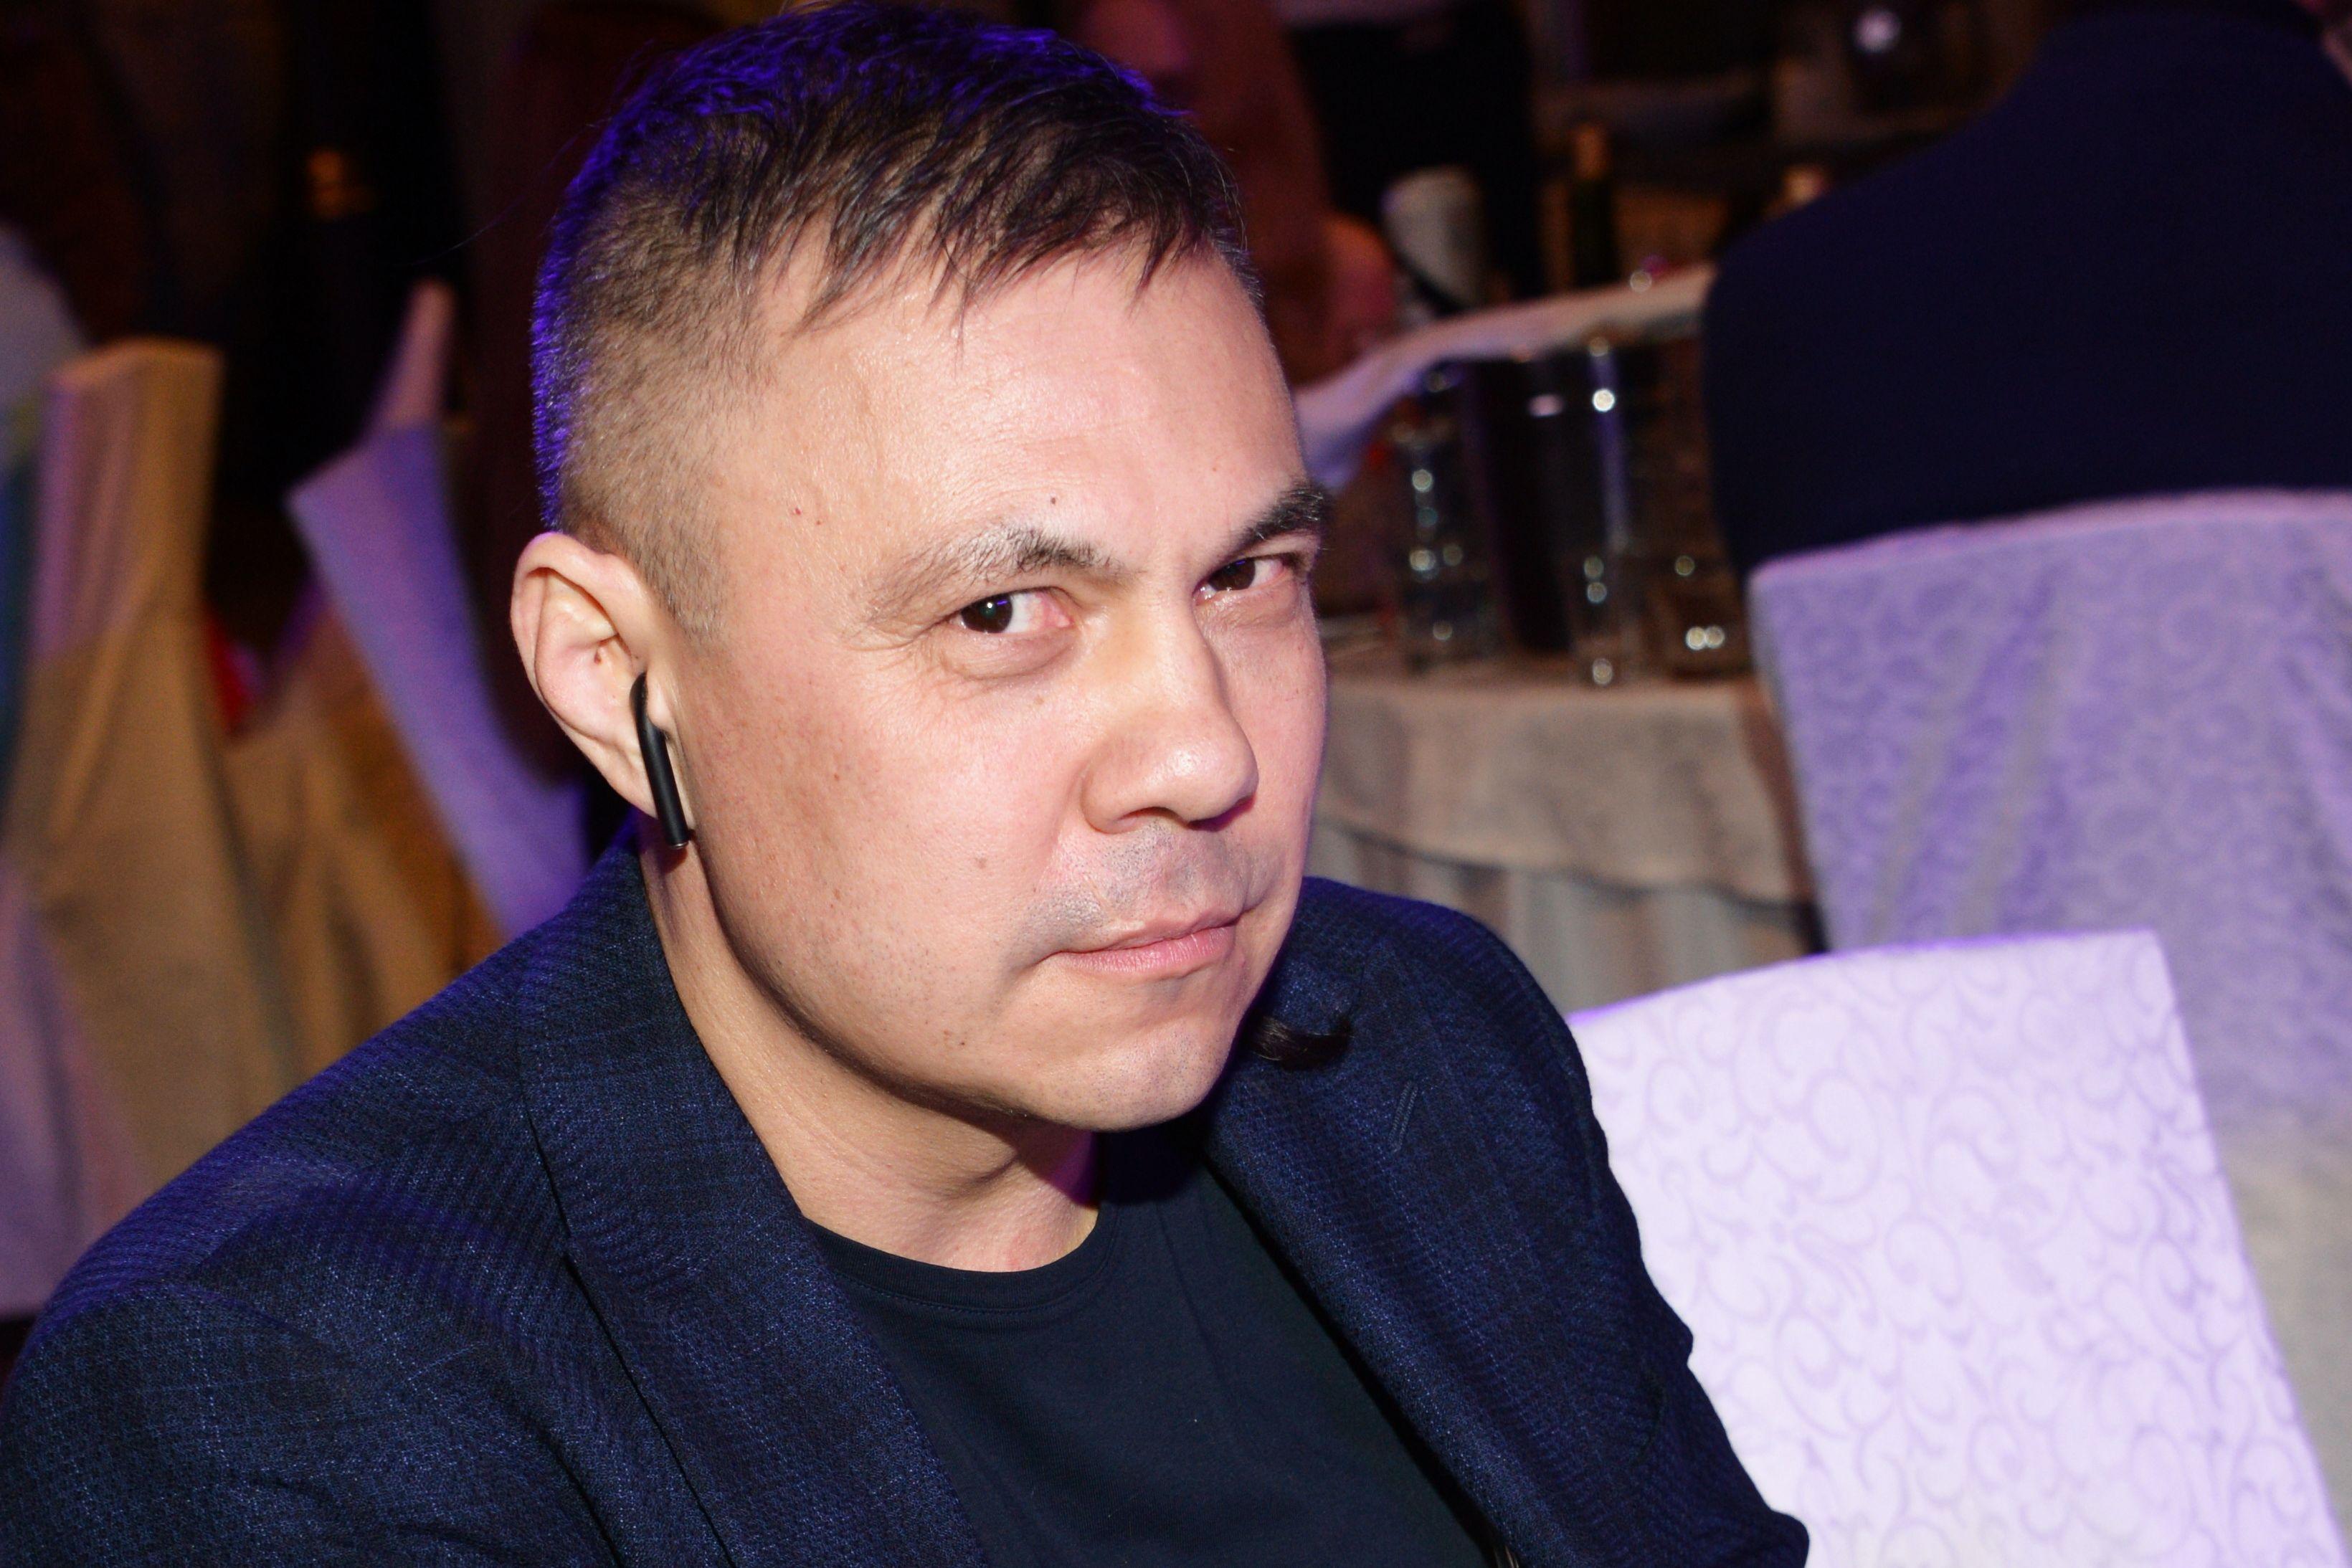 Костя Цзю отреагировал на предложение Хрюнова по бою сына в России